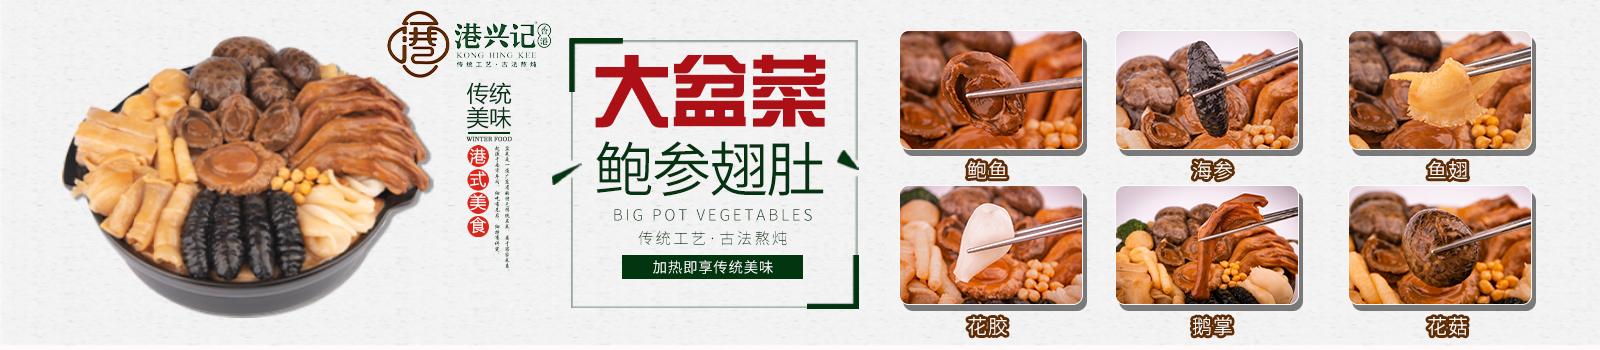 黄焖汤厂家